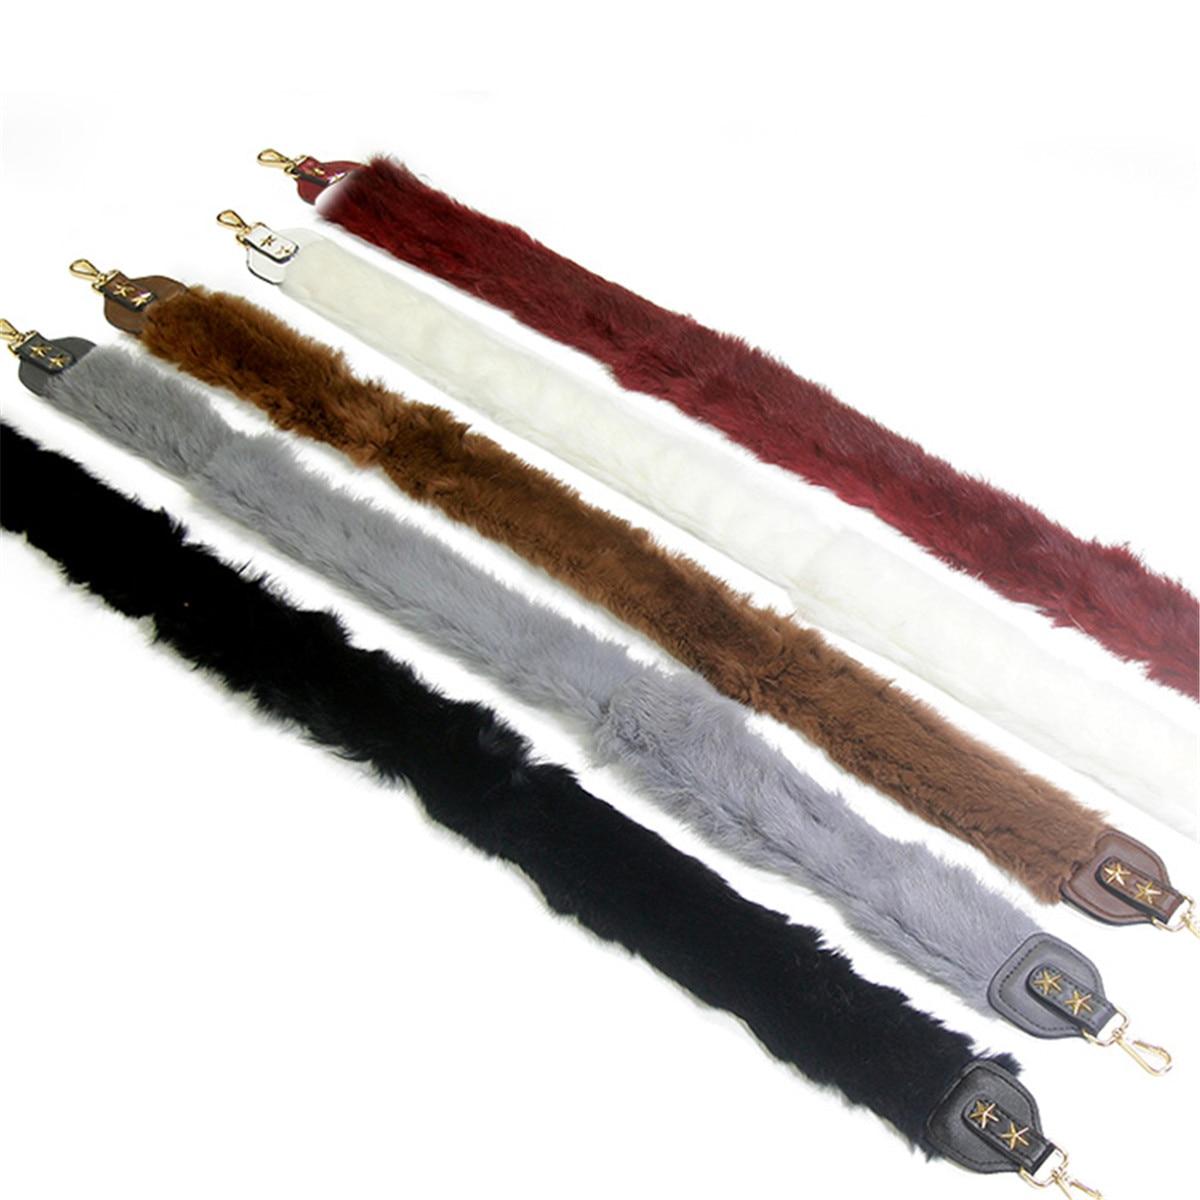 100CM Fur Shoulder Belts Leather Bag Strap Fashion DIY Replacement Bag Straps For Bag Handle Long Bands Star Gold Buckle